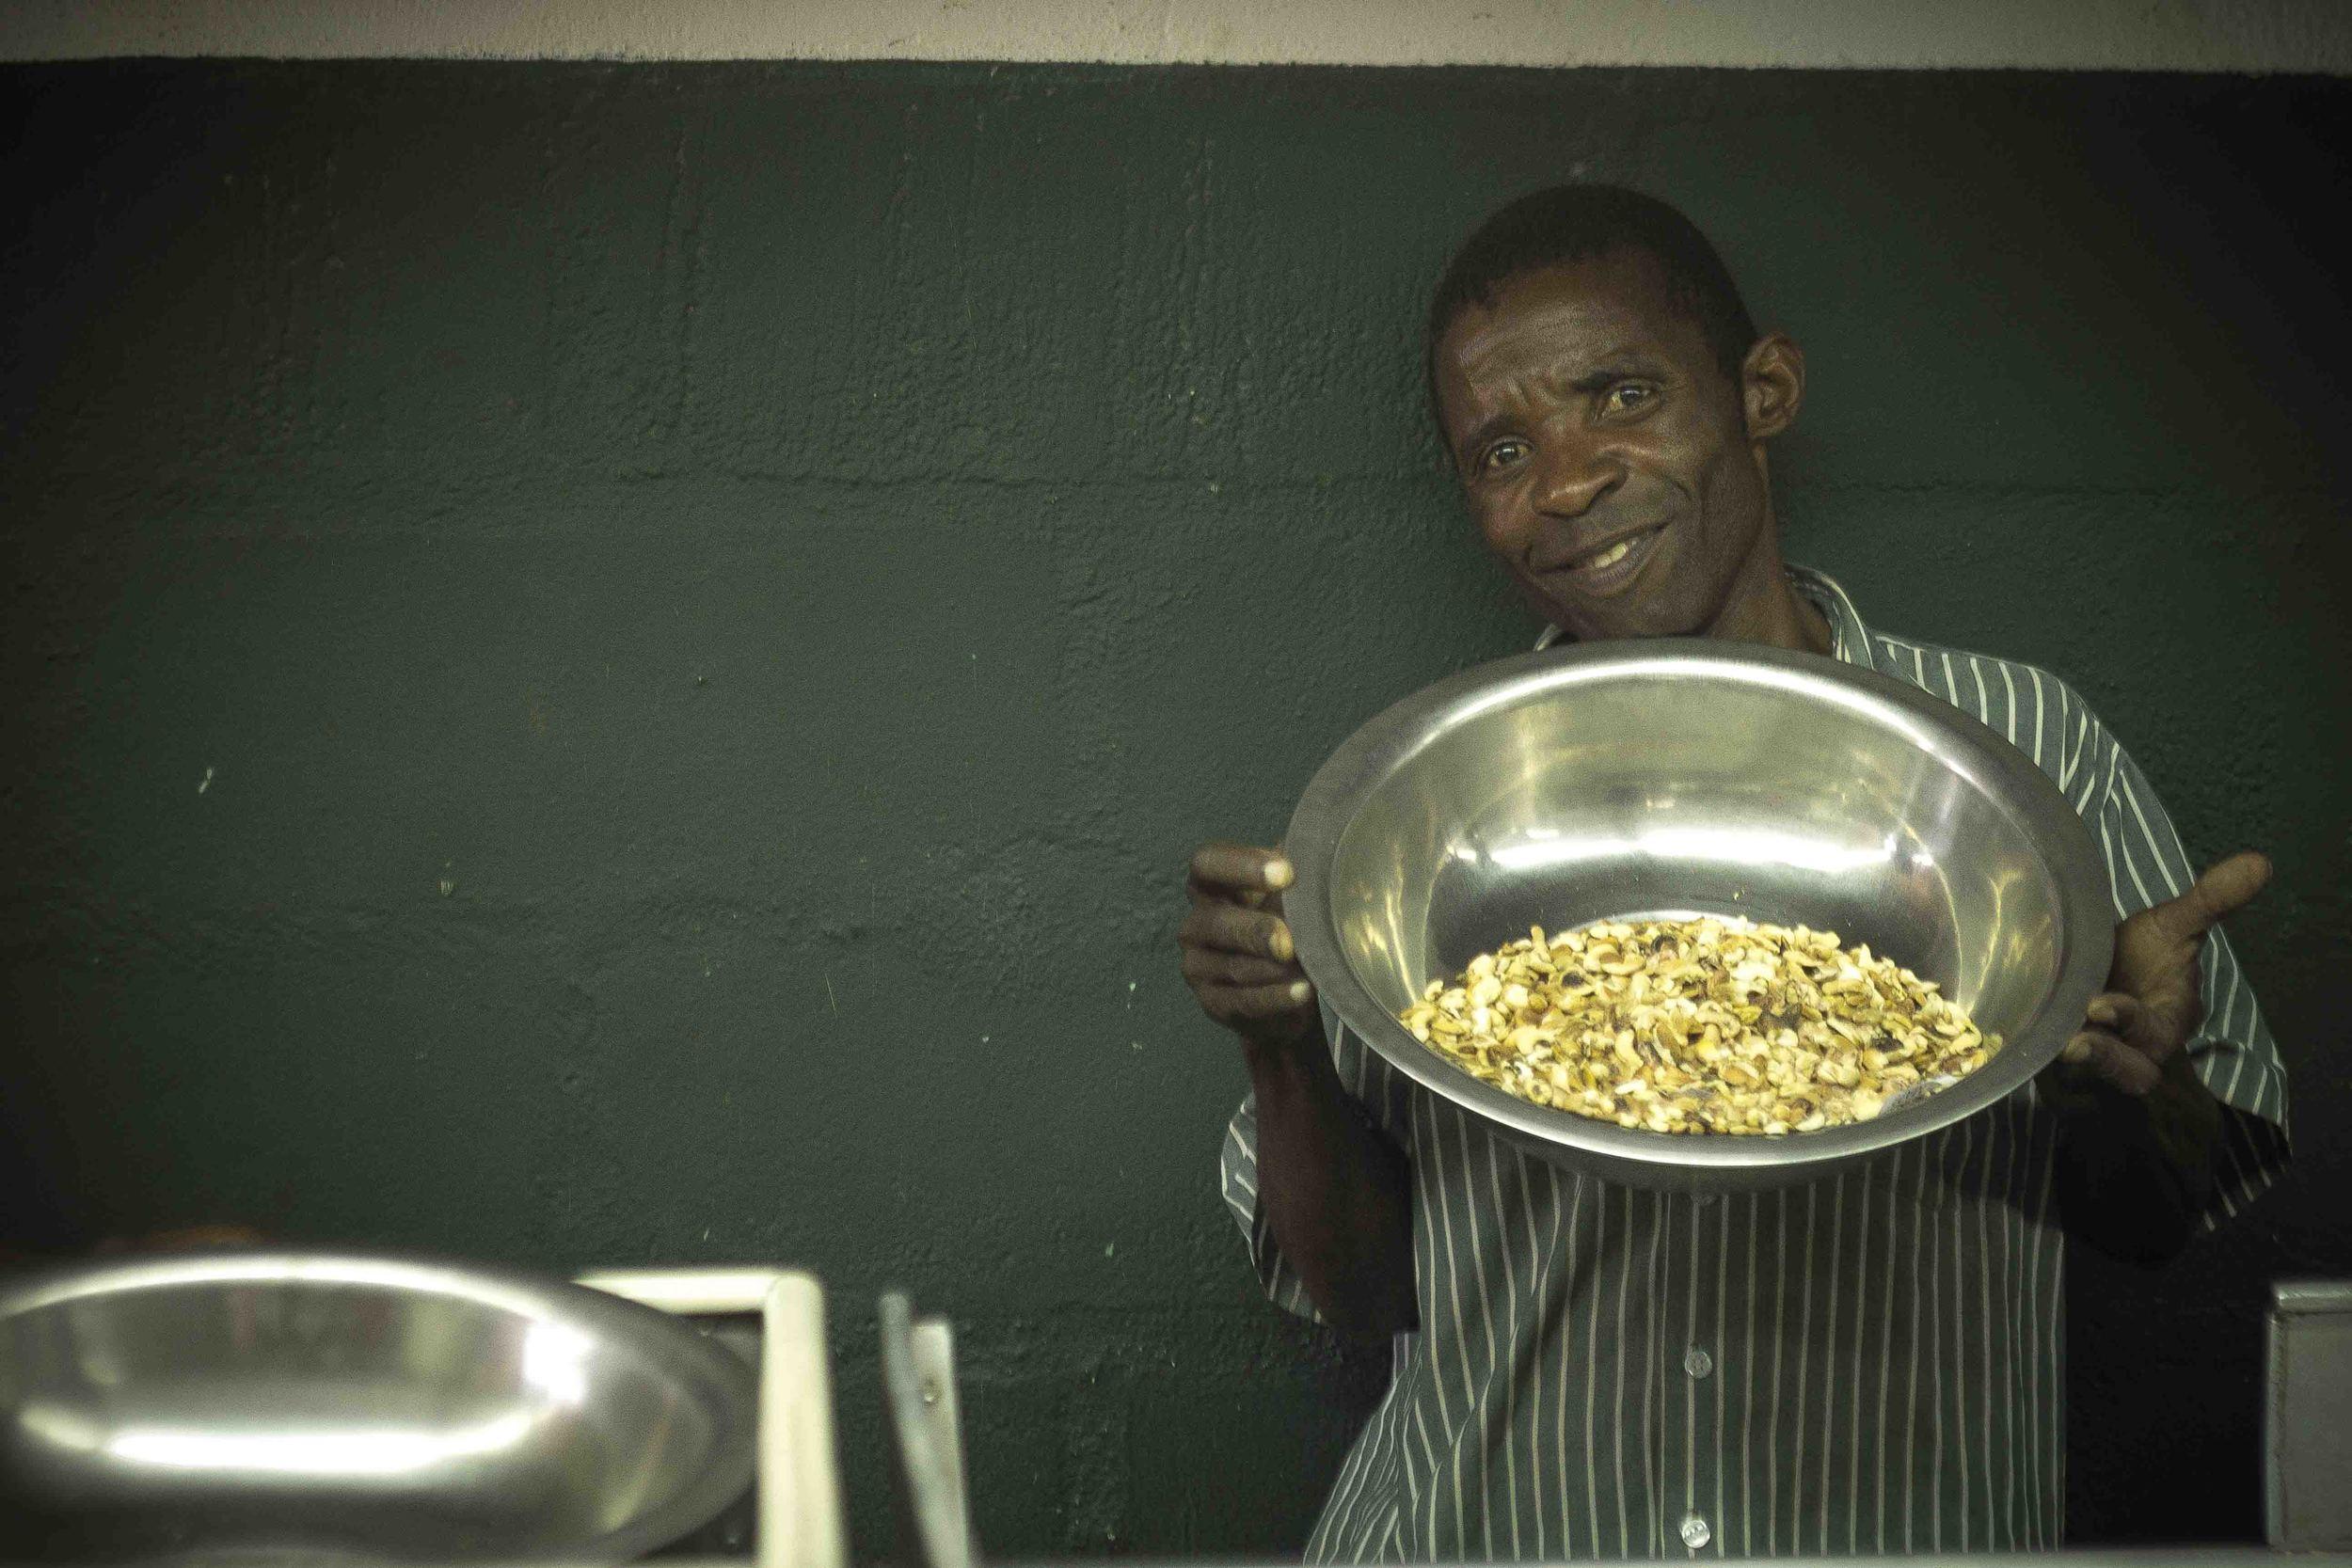 Anchilo district, Nampula province  – A worker at the Condor Nuts factory shows cashew nuts that have been separated out for sanitary reasons |  Um trabalhador da fábrica da Condor Nuts mostra as castanhas de caju que foram separadas por razões sanitárias